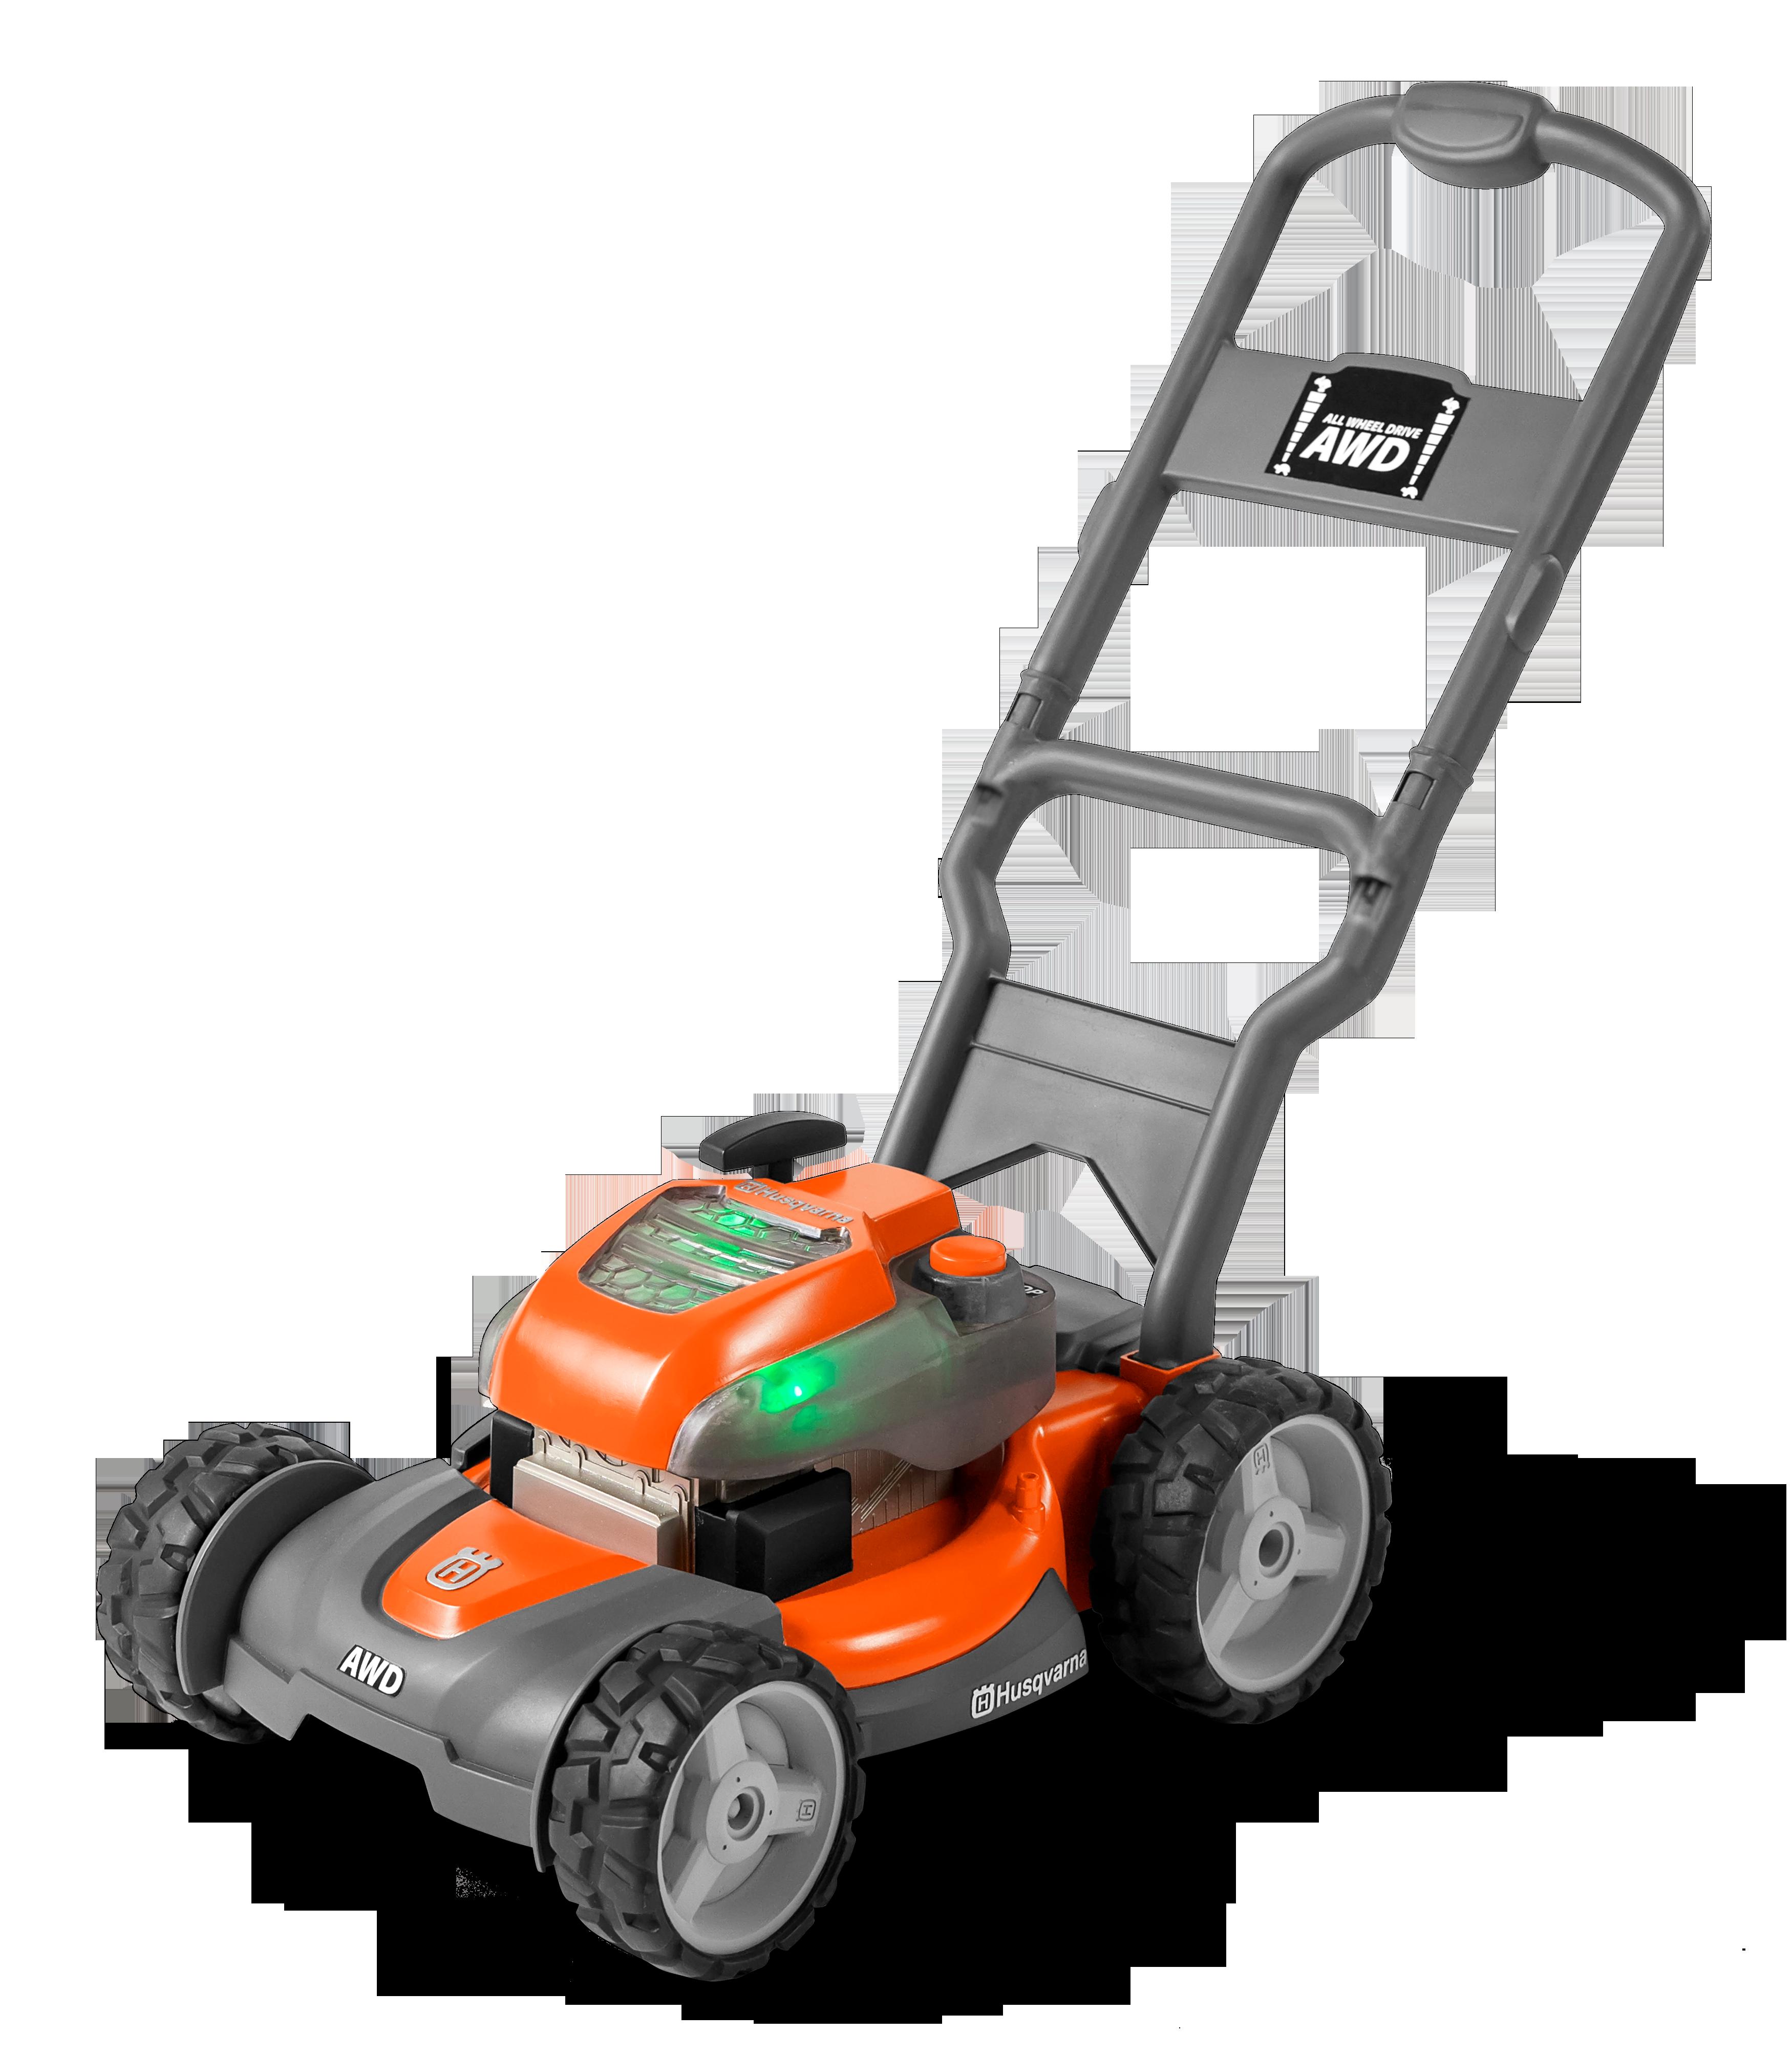 Oranža Husqvarna rotaļlieta - zāles pļāvējs